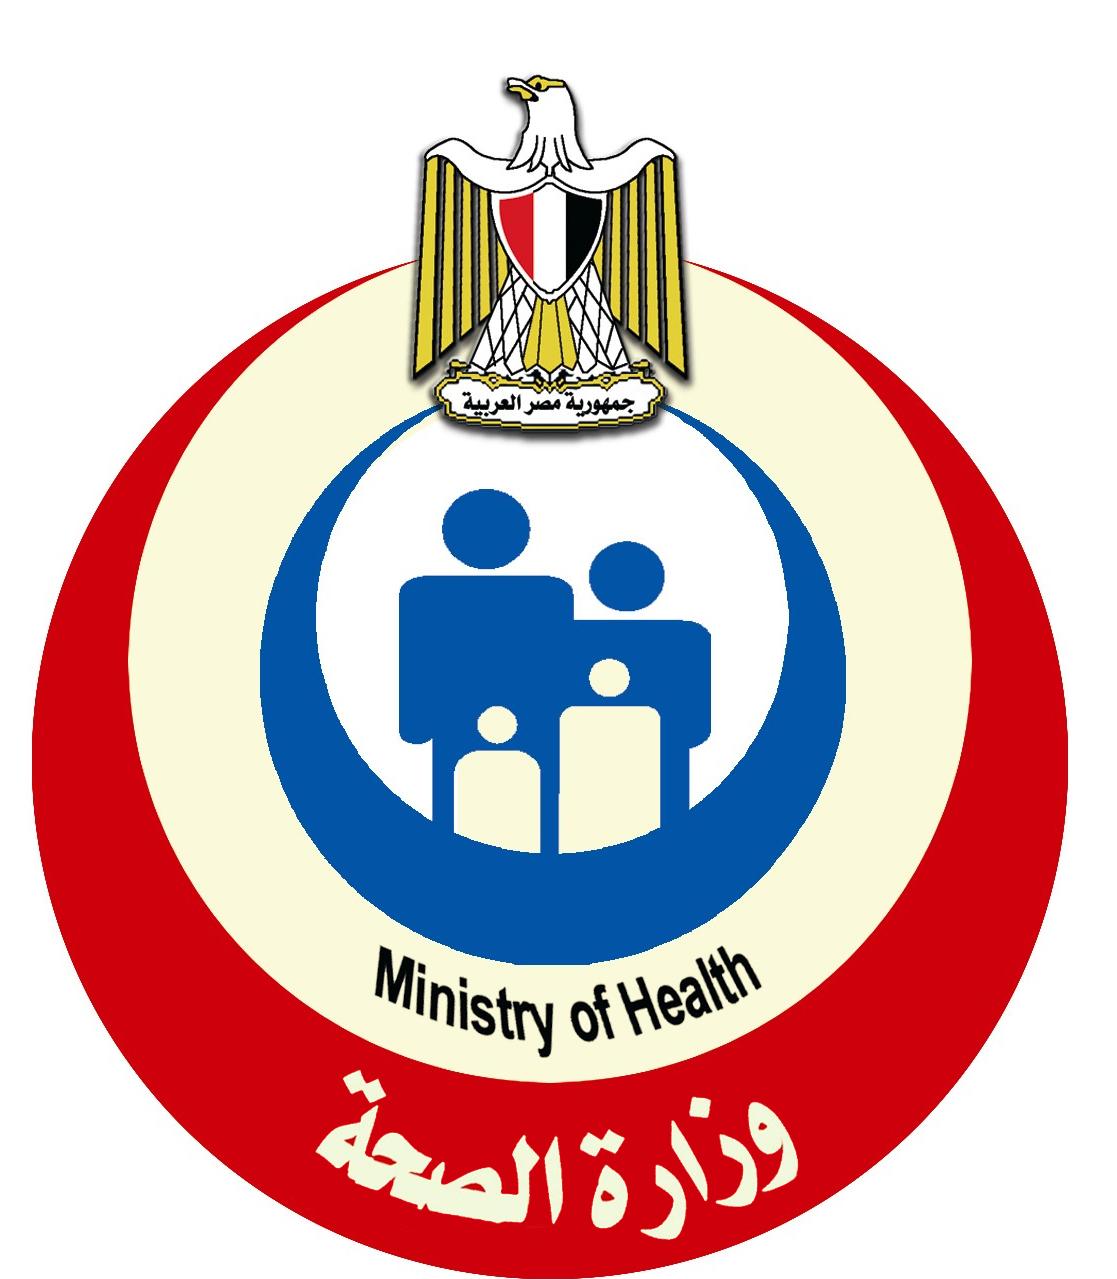 وزارة الصحةوالسكان: تسجيل 39 حالة جديدة لفيروس كورونا ووفاة 5 حالات وشفاء 12 حالة من المصابين